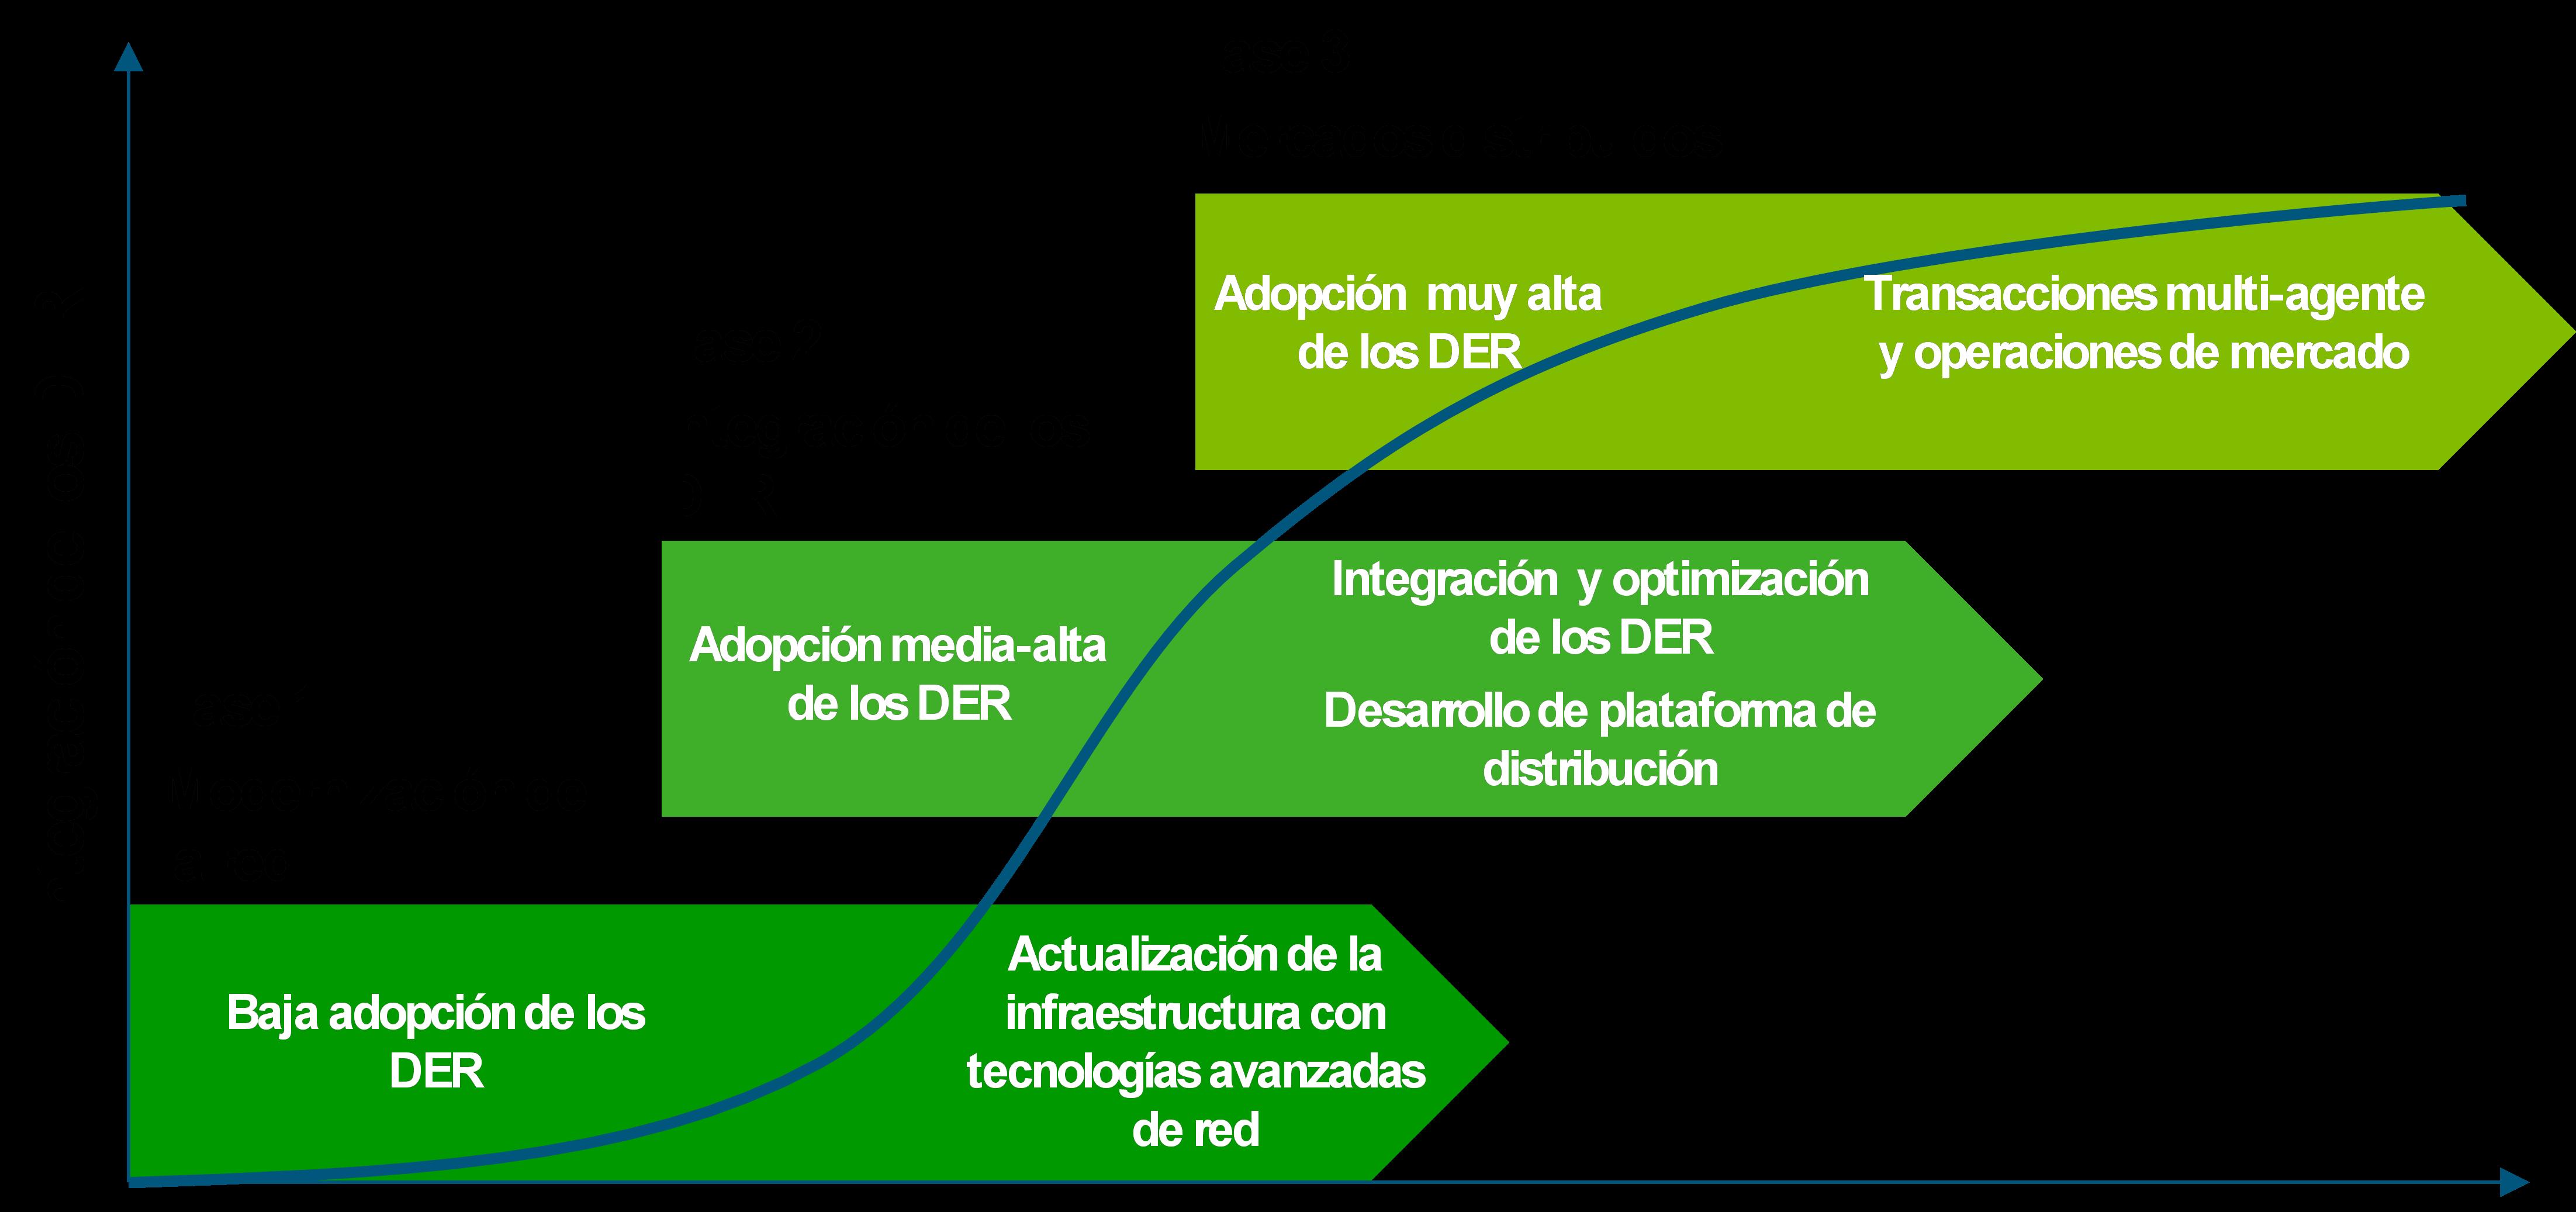 figura-1-evolucion-del-sistema-electrico-en-funcion-del-grado-de-integracion-de-los-der_158